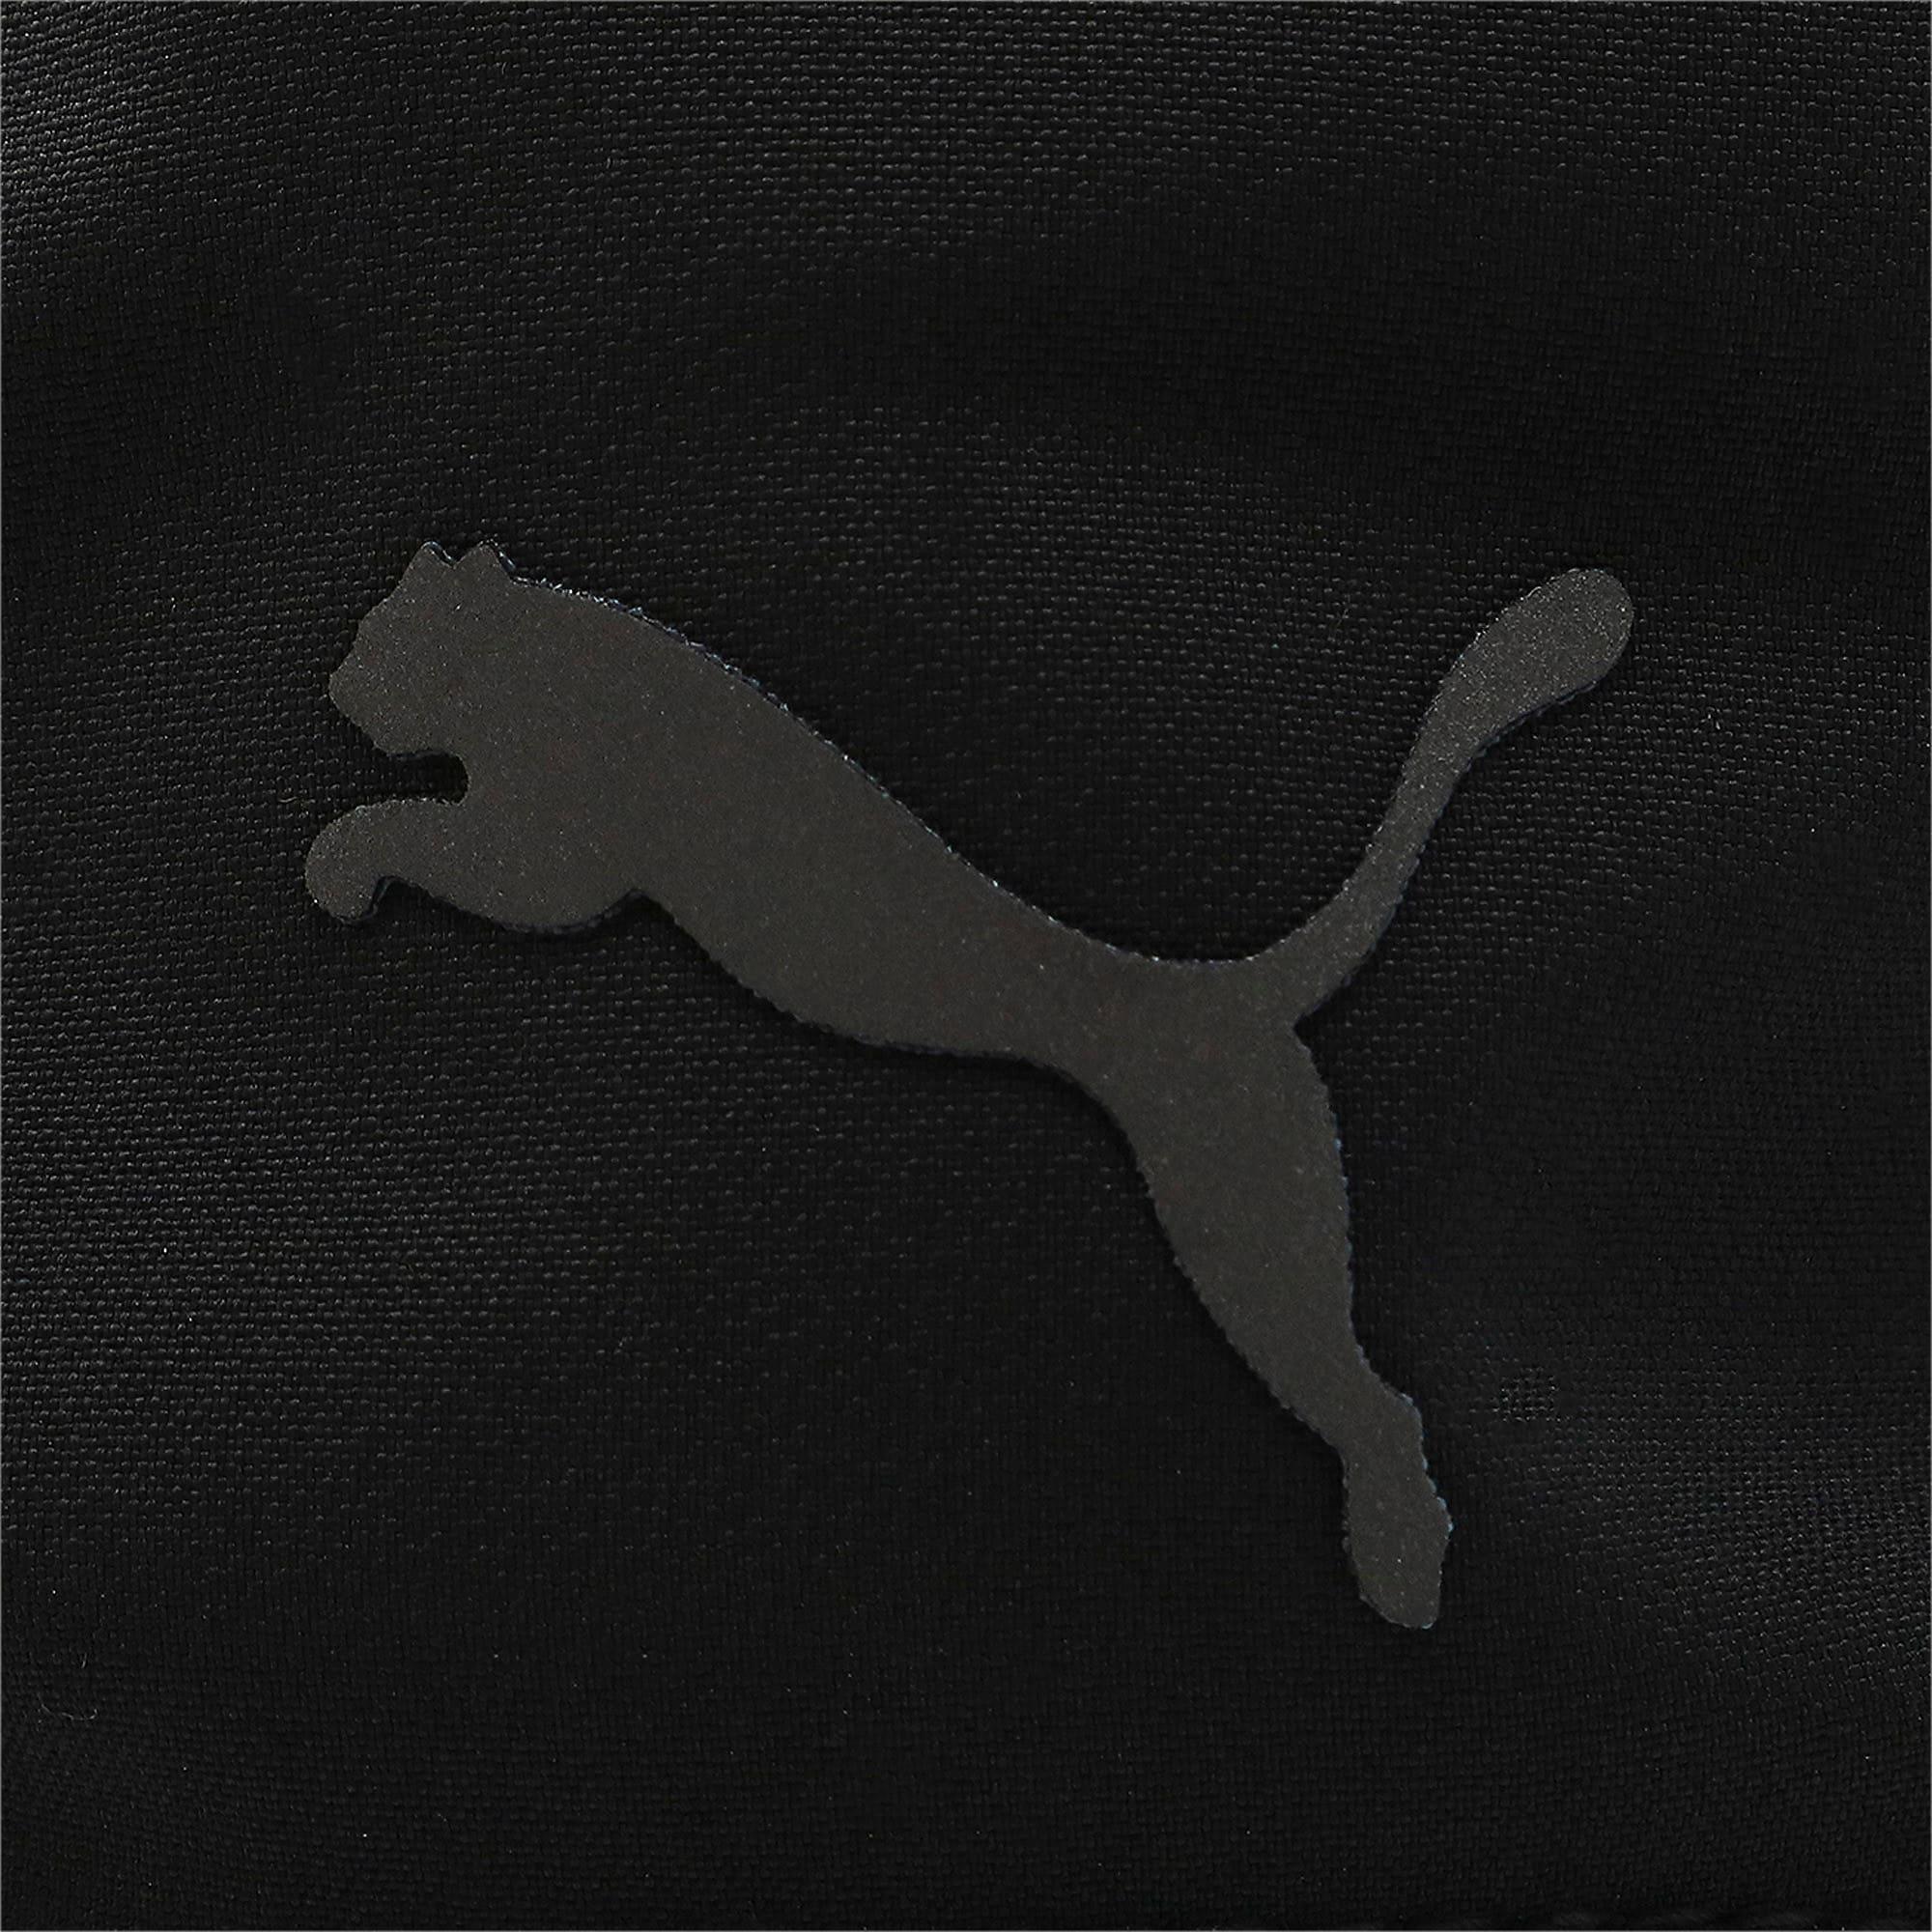 Thumbnail 4 of ポルシェデザイン PD ウィンターライズド キャップ, Puma Black, medium-JPN